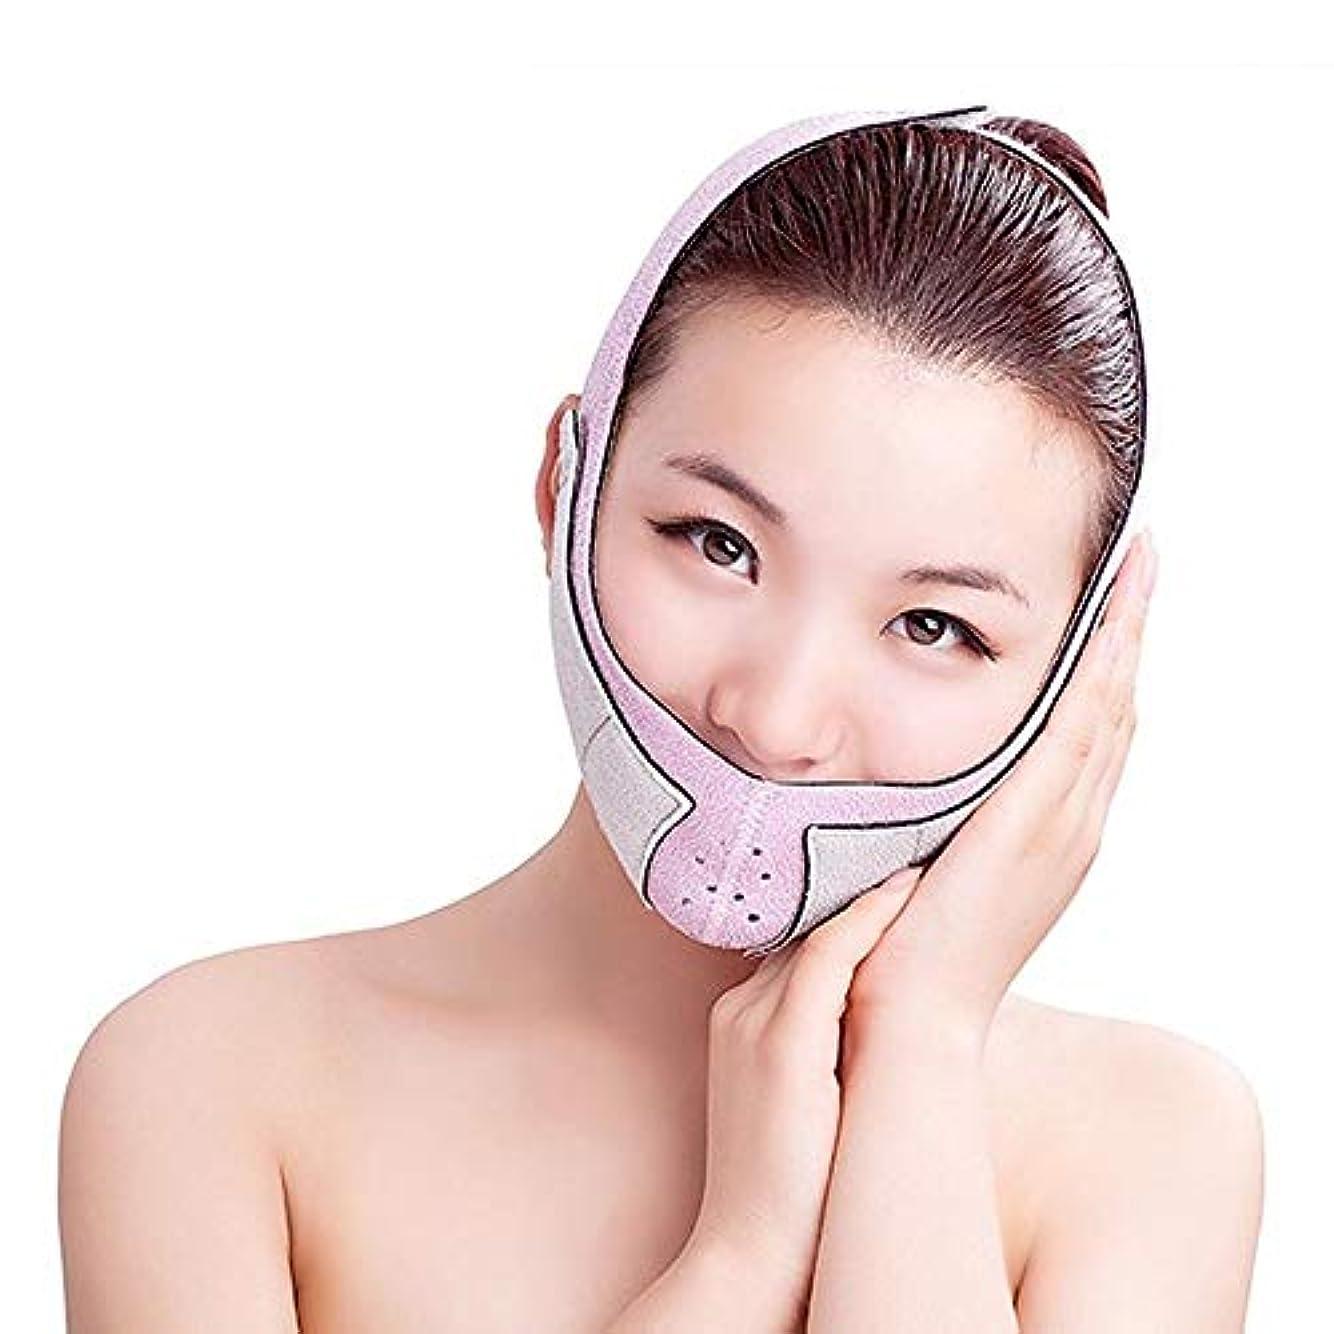 マネージャー注入する震え表面持ち上がるベルト、表面持ち上がる包帯の顔の細く通気性のV形の包帯は二重あごの反しわの反老化を減らします (Color : Pink)